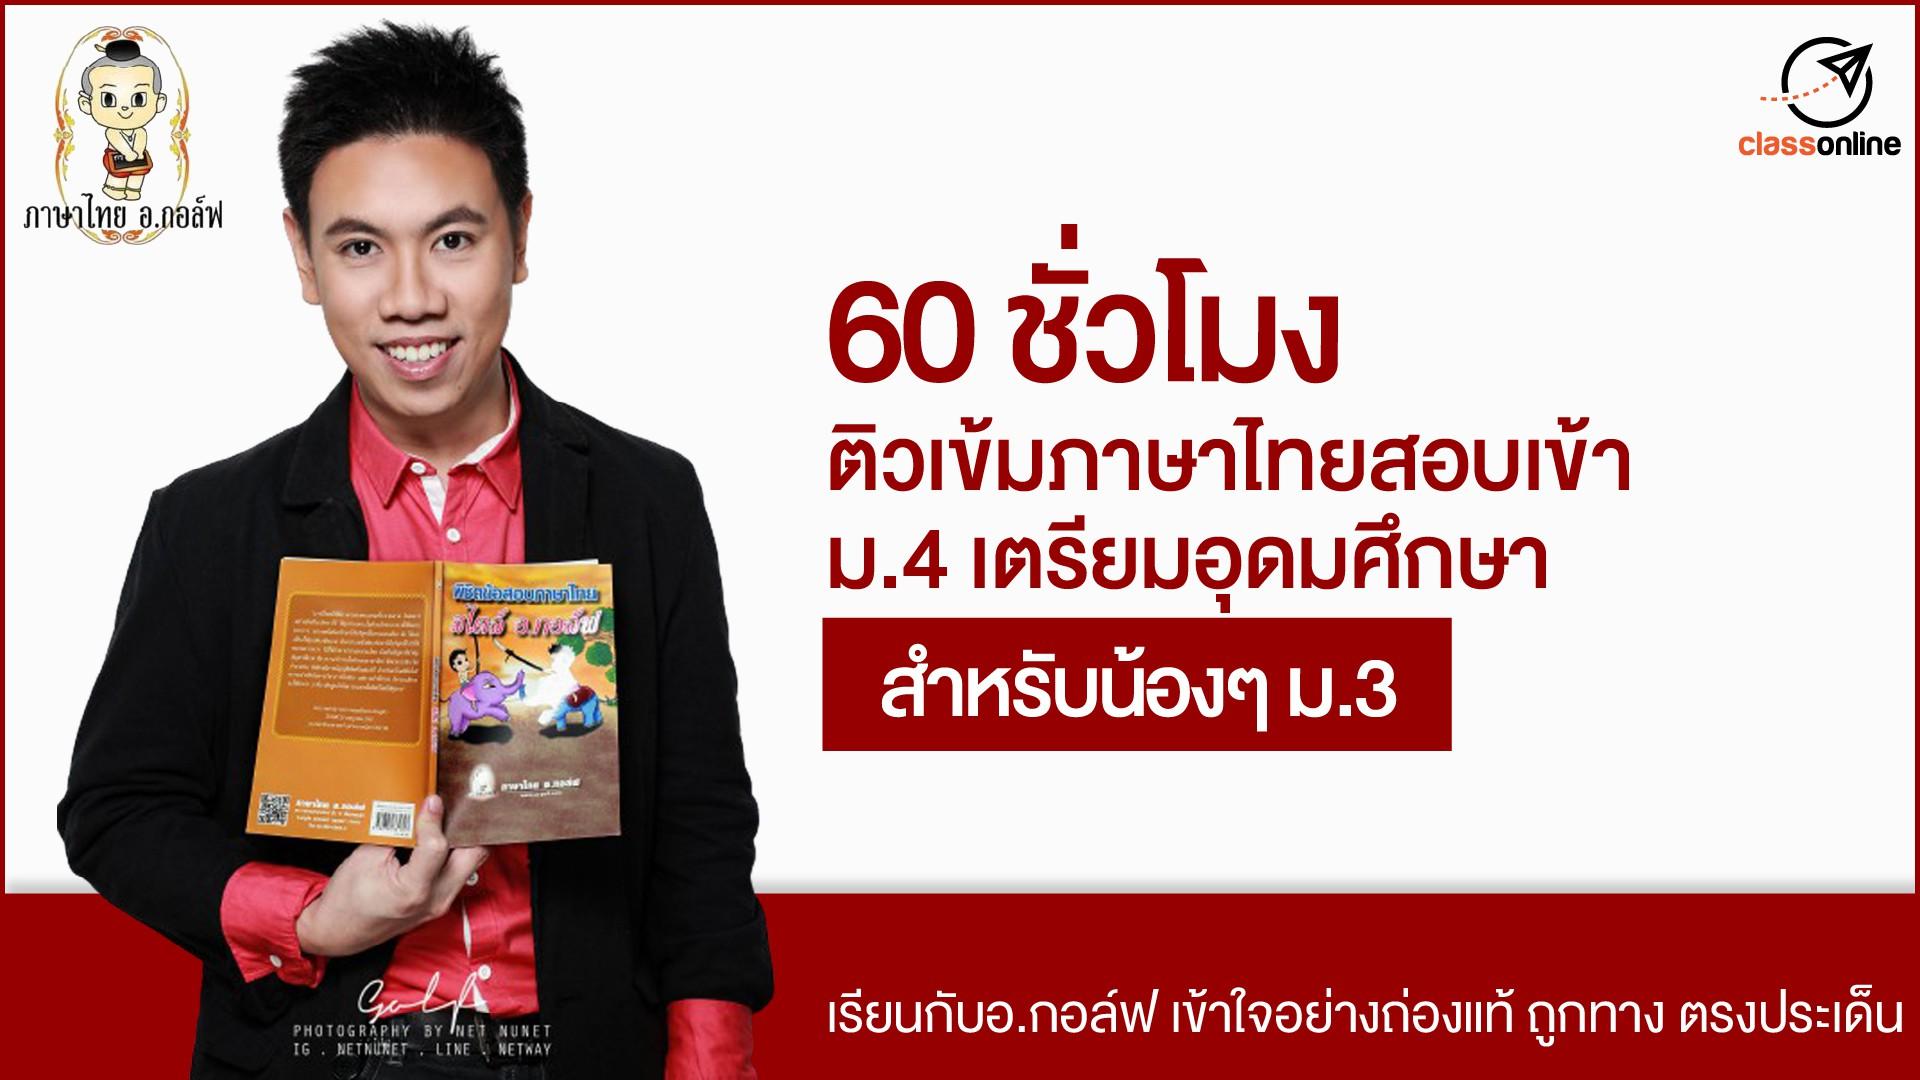 ติวเข้มภาษาไทยสอบเข้า ม.4 เตรียมอุดม